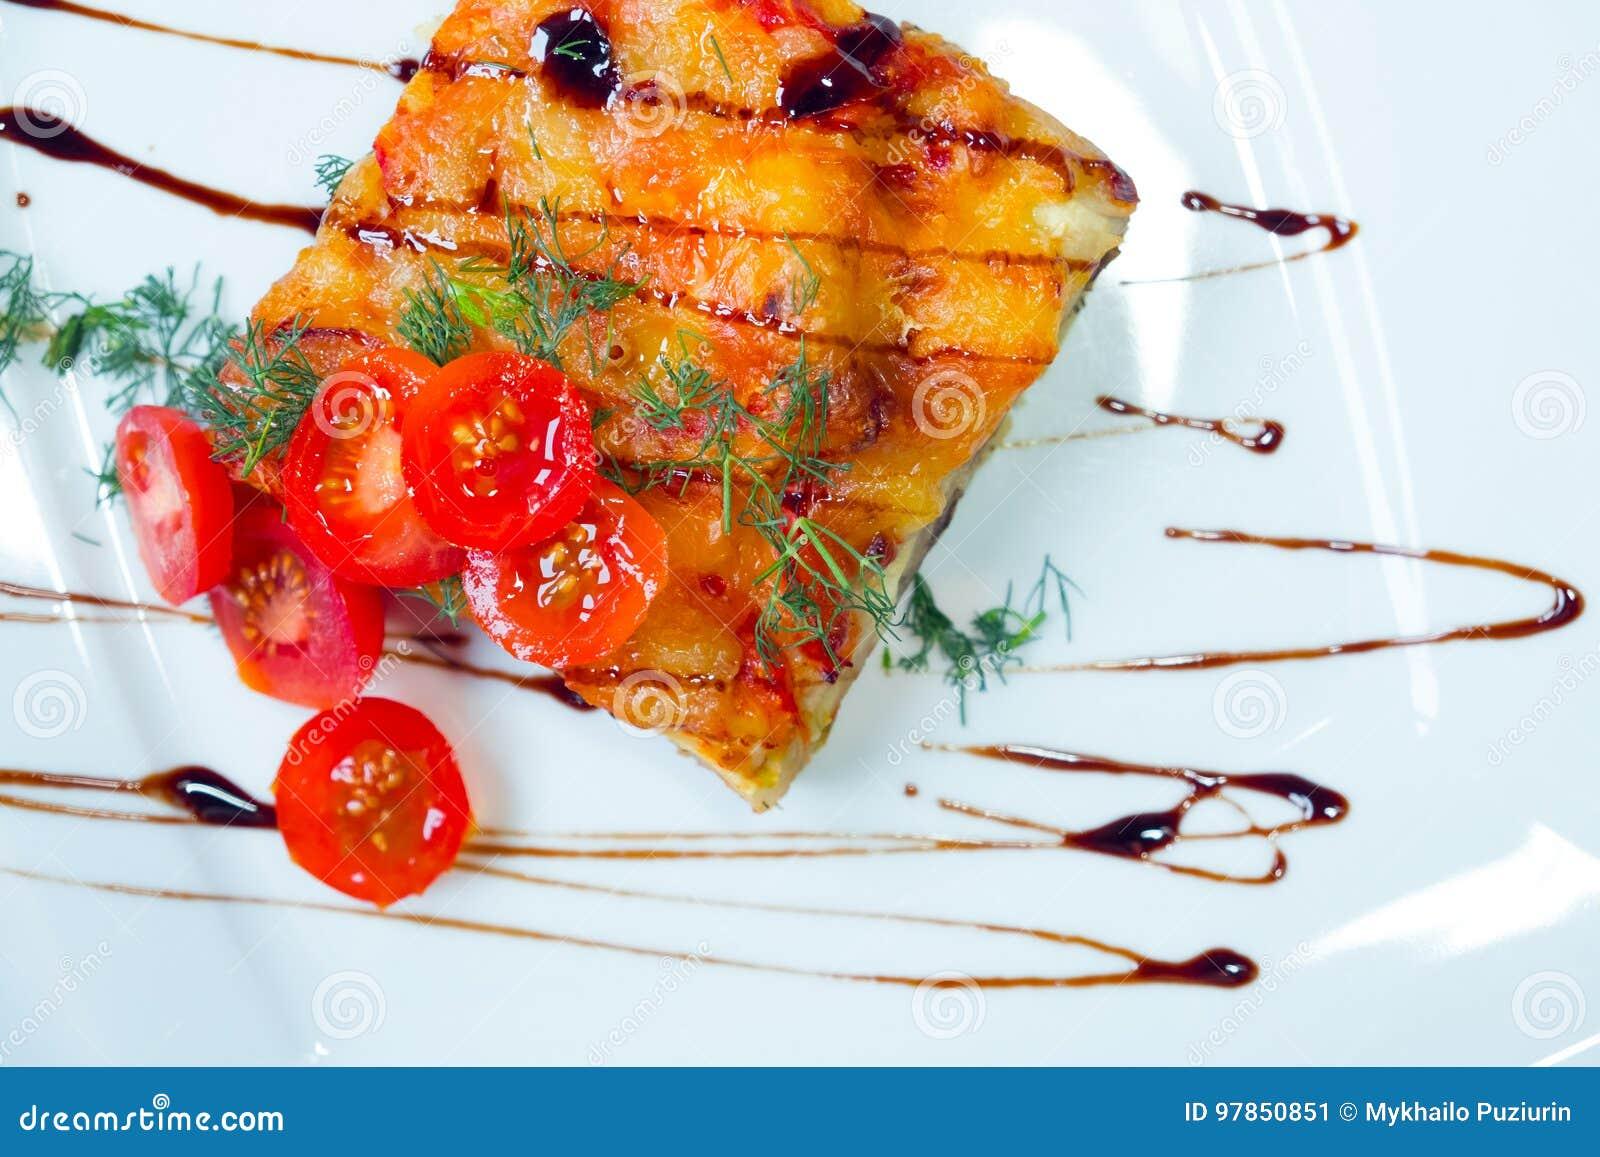 Лазанья с томатами на белой плите